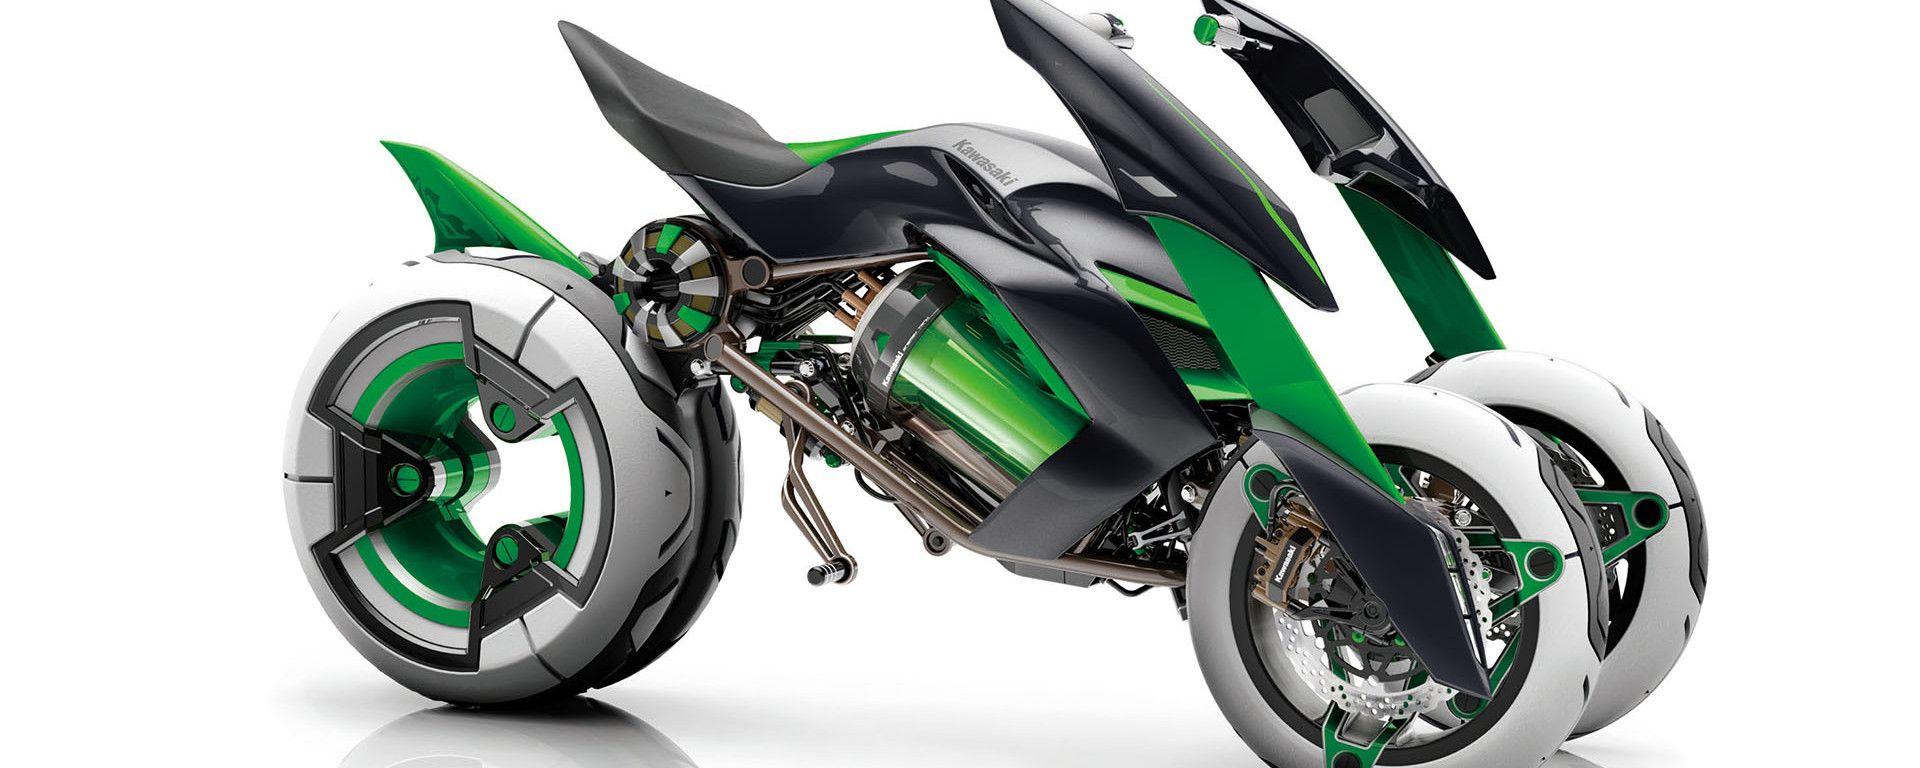 Il tre ruote Kawasaki Concept J presentato nel 2013